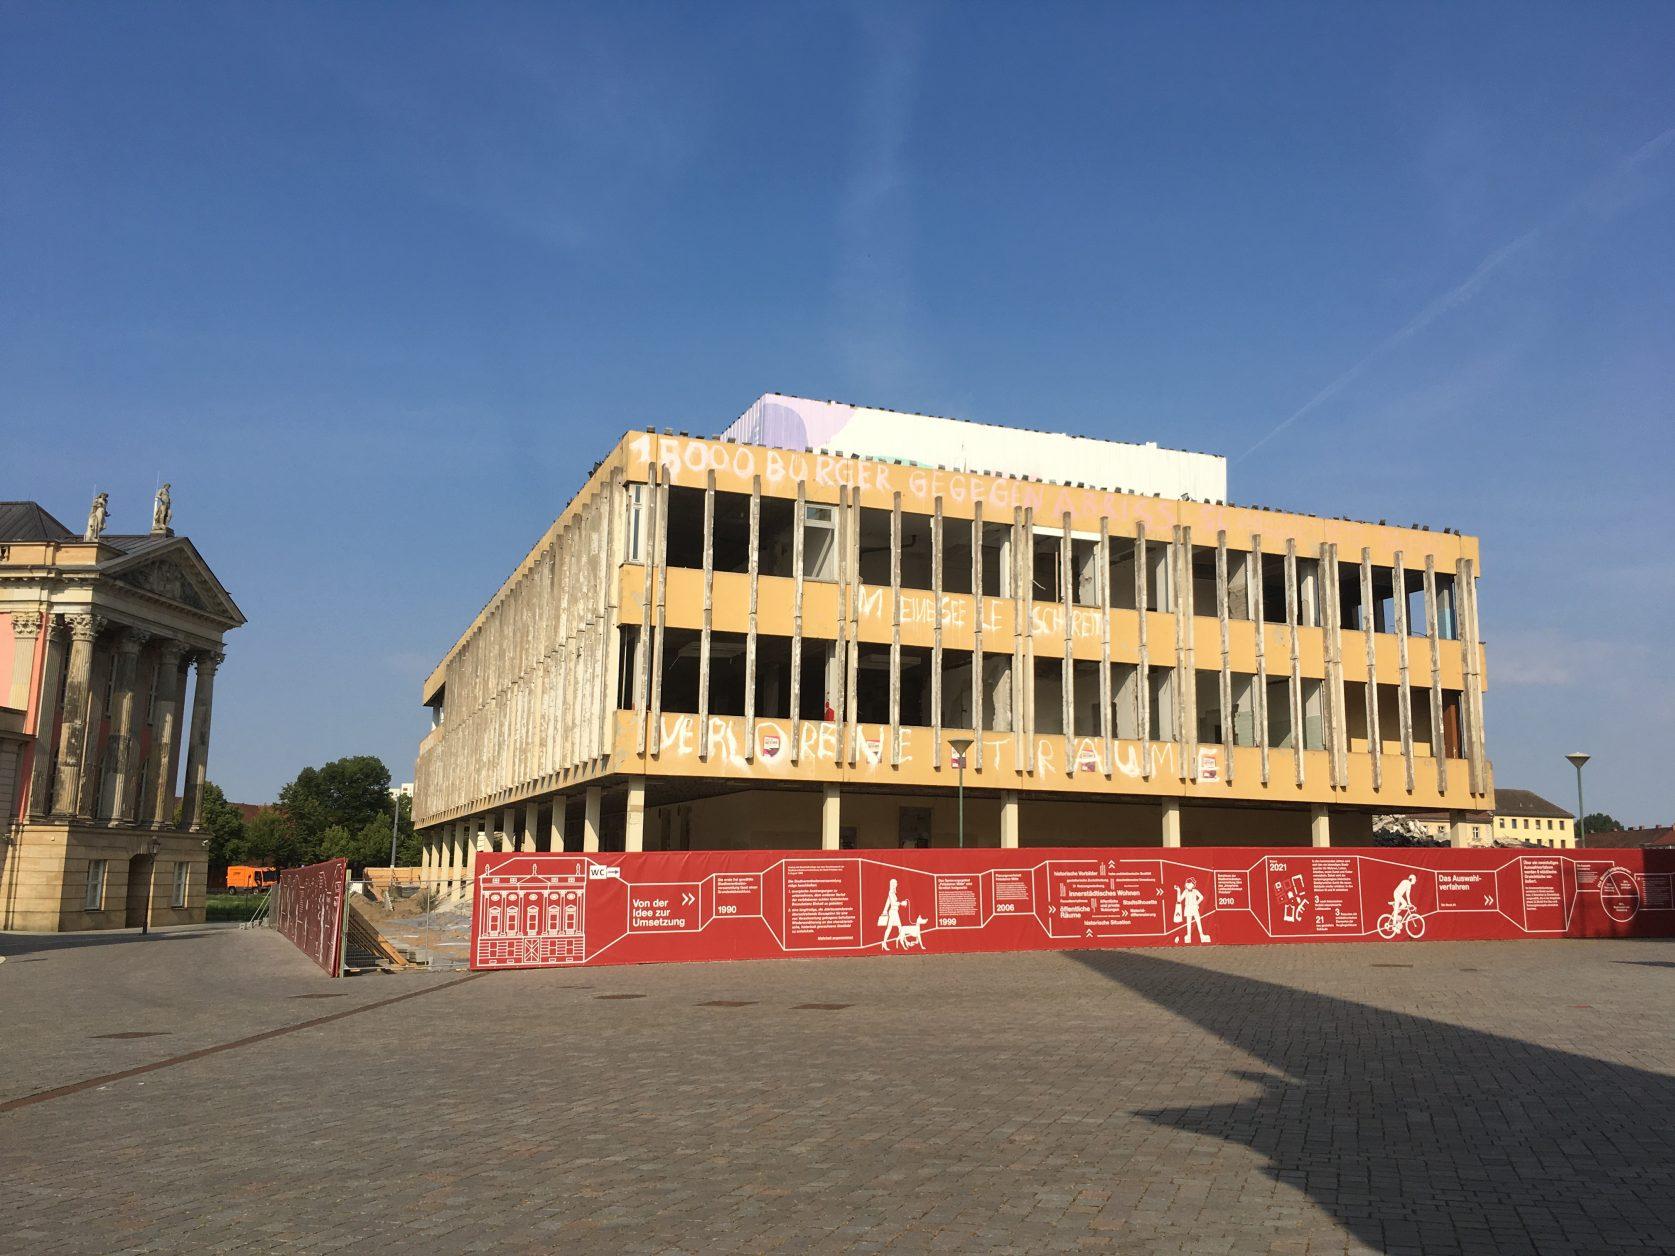 Potsdam stadt 2018 (49)